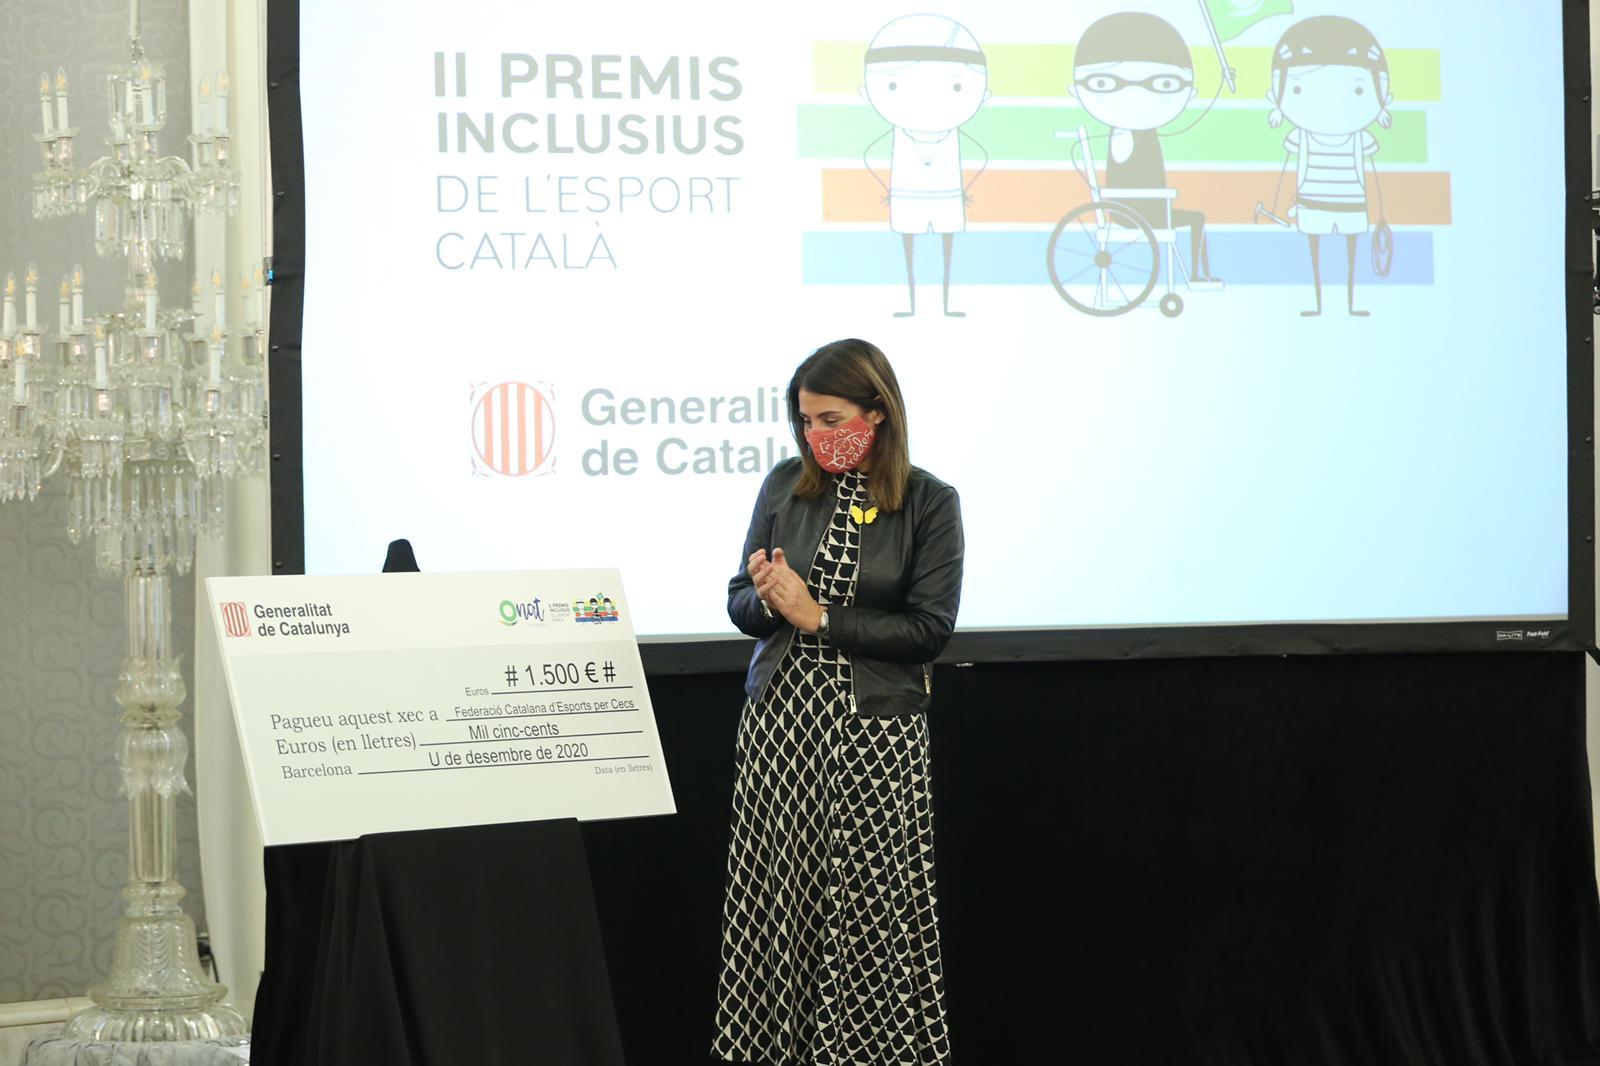 Entrega dels II Premis Inclusius de l'Esport Català. (Fotografia: Jordi Bedmar)